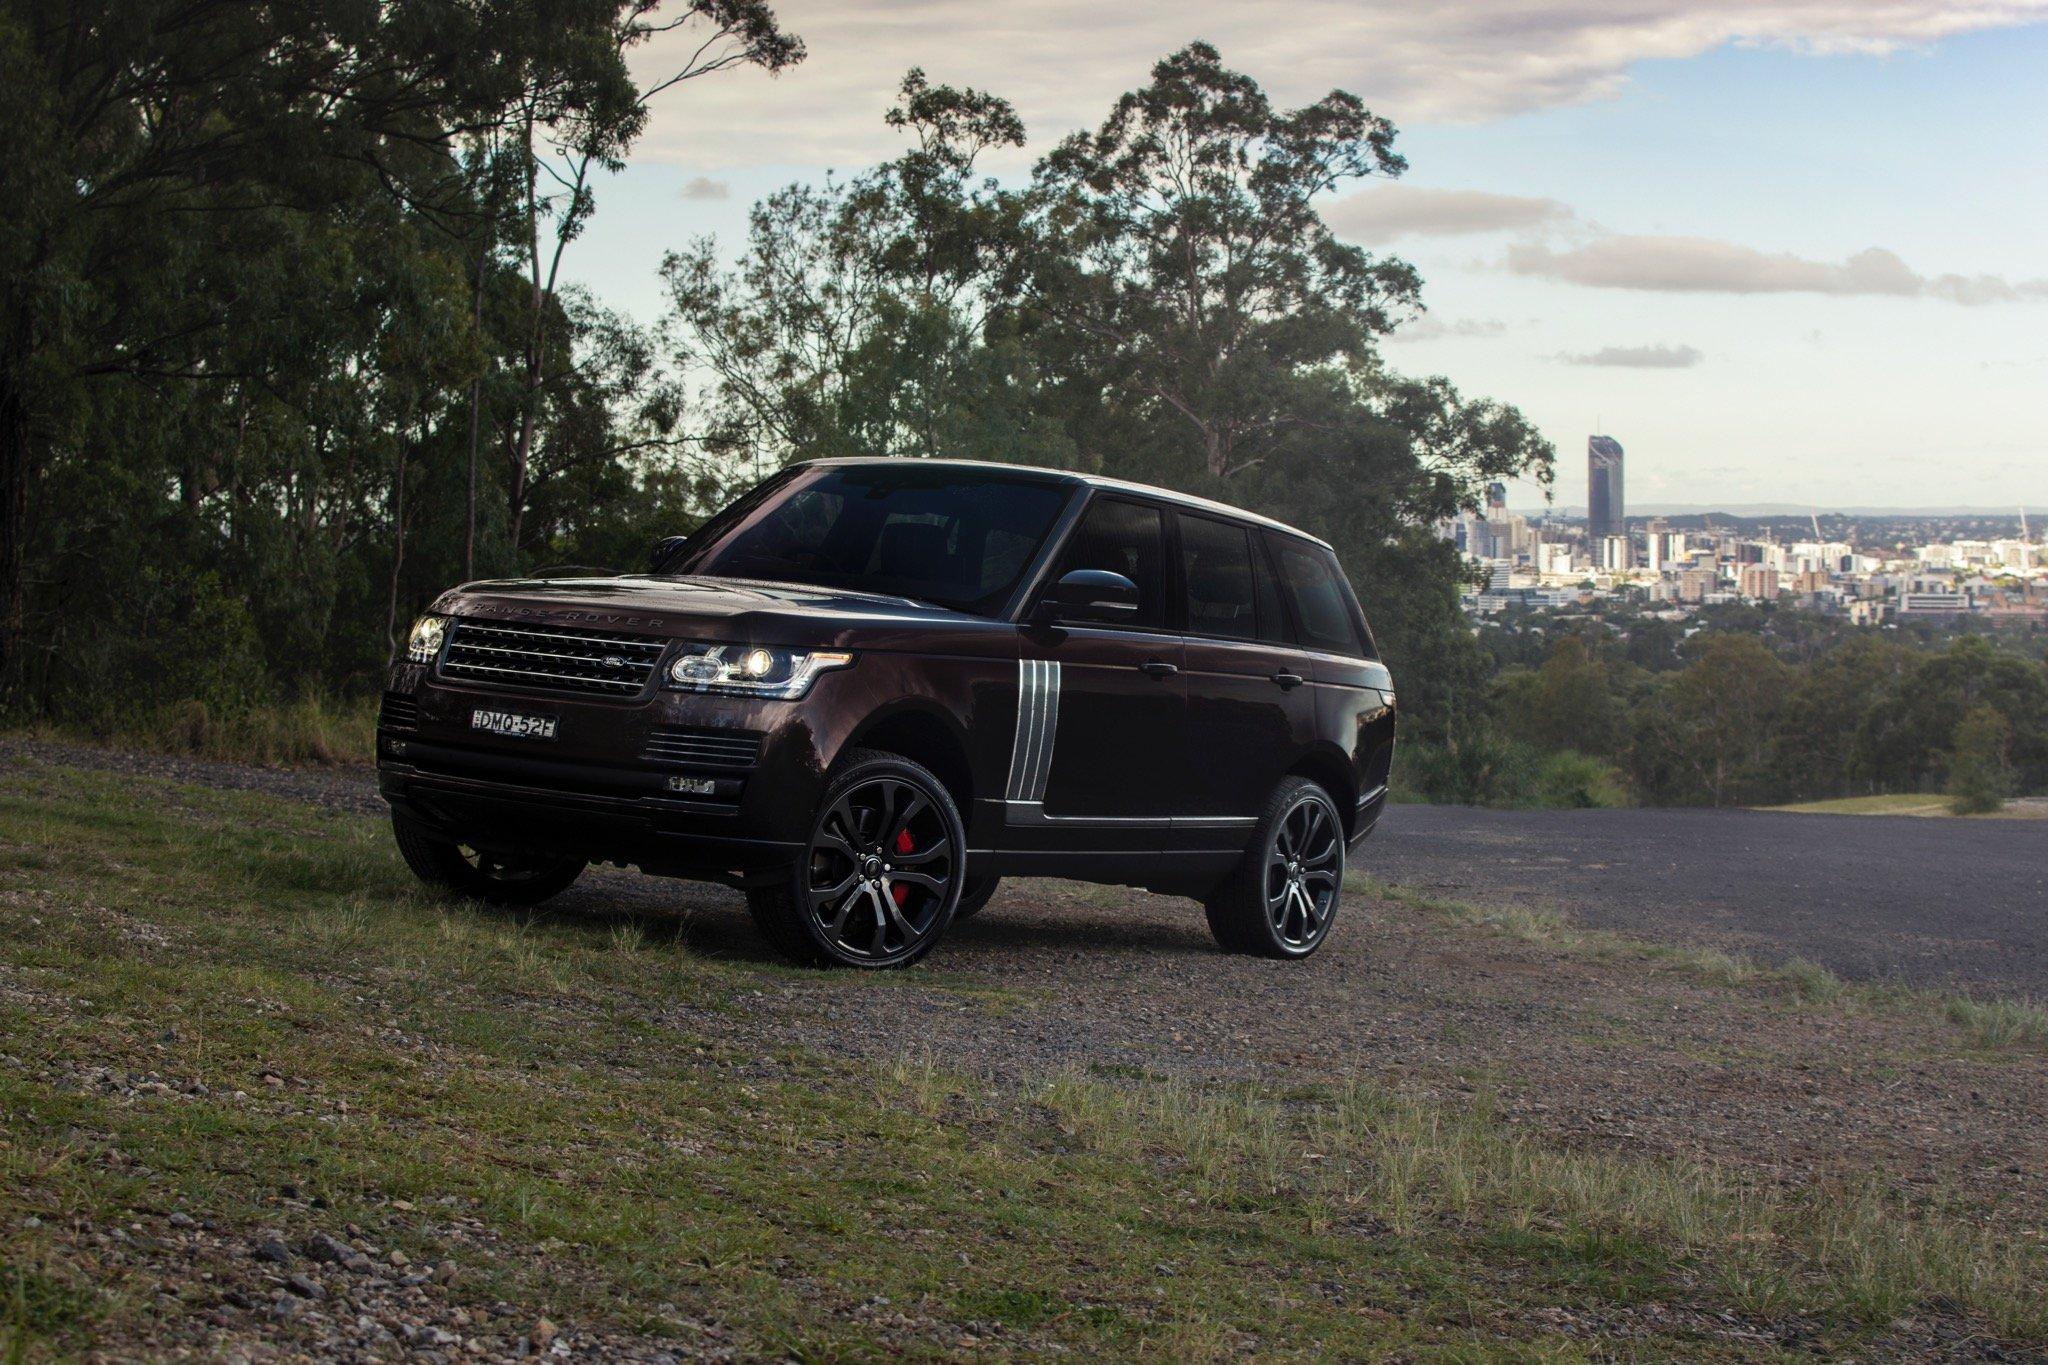 Land Rover Range Rover Evoque Autobiography >> 2017 Range Rover SV Autobiography Dynamic review   CarAdvice